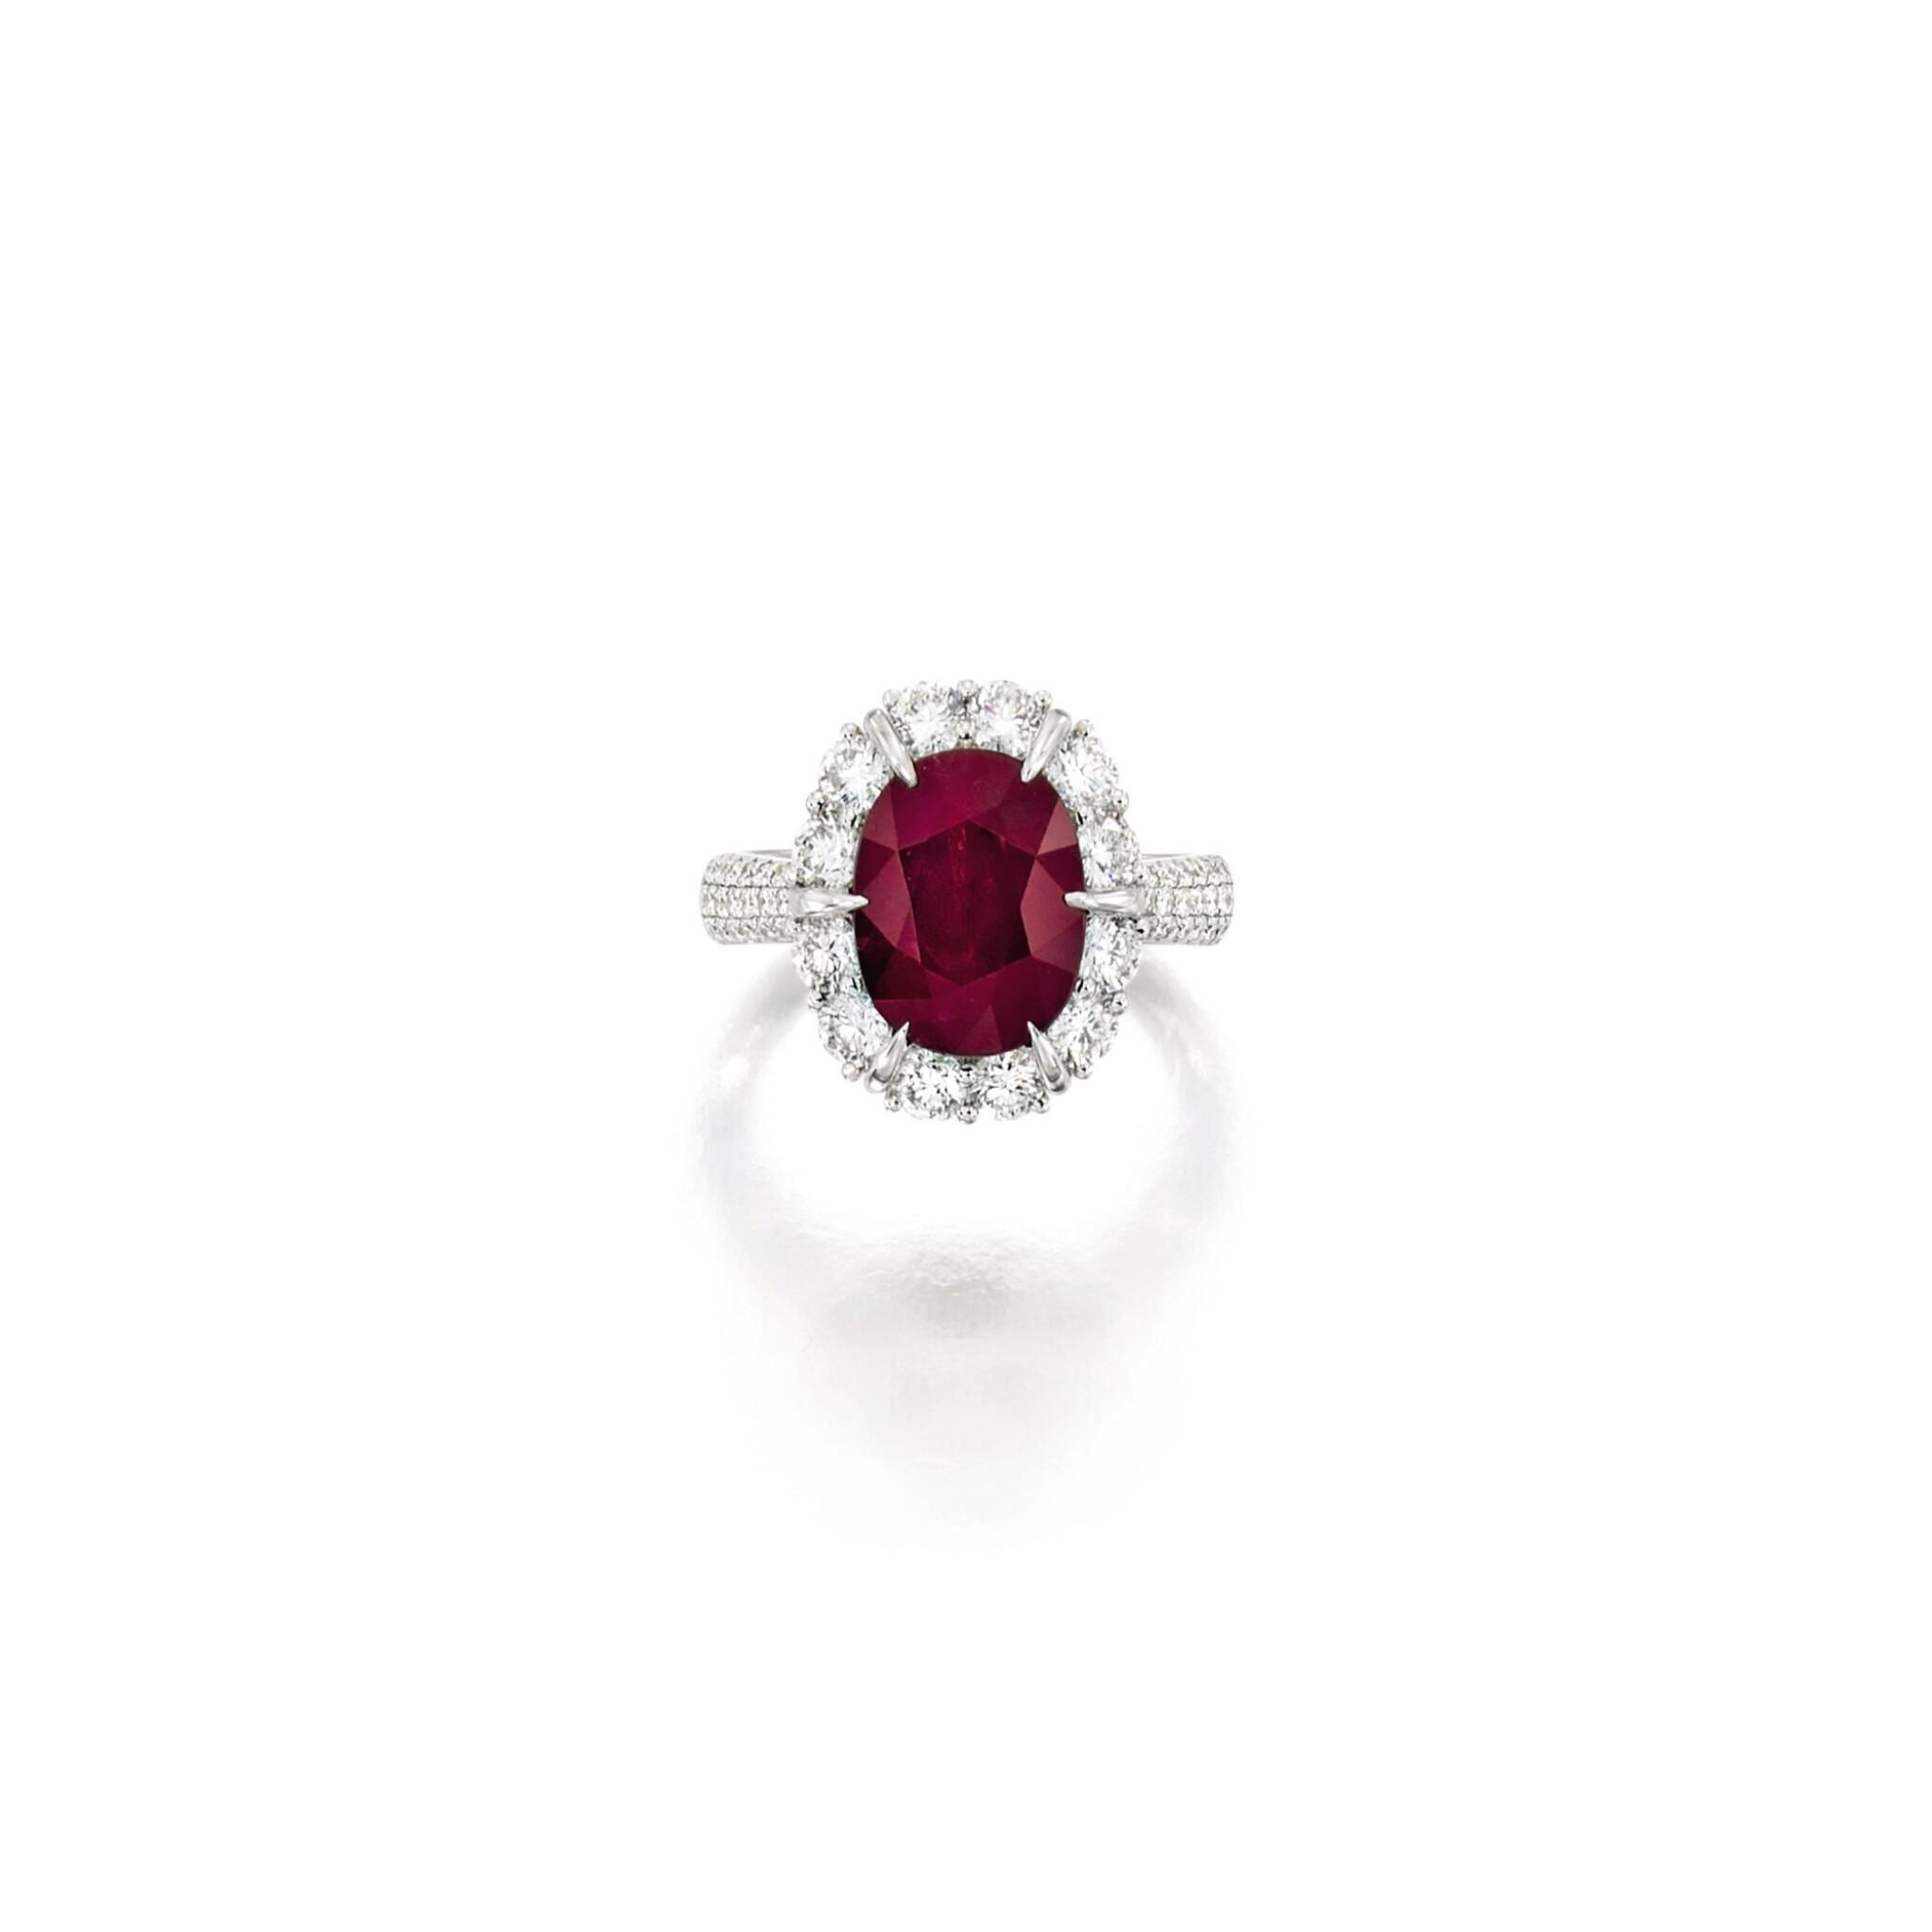 View full screen - View 1 of Lot 1689. RUBY AND DIAMOND RING   4.51卡拉 天然 「緬甸」紅寶石 配 鑽石 戒指.